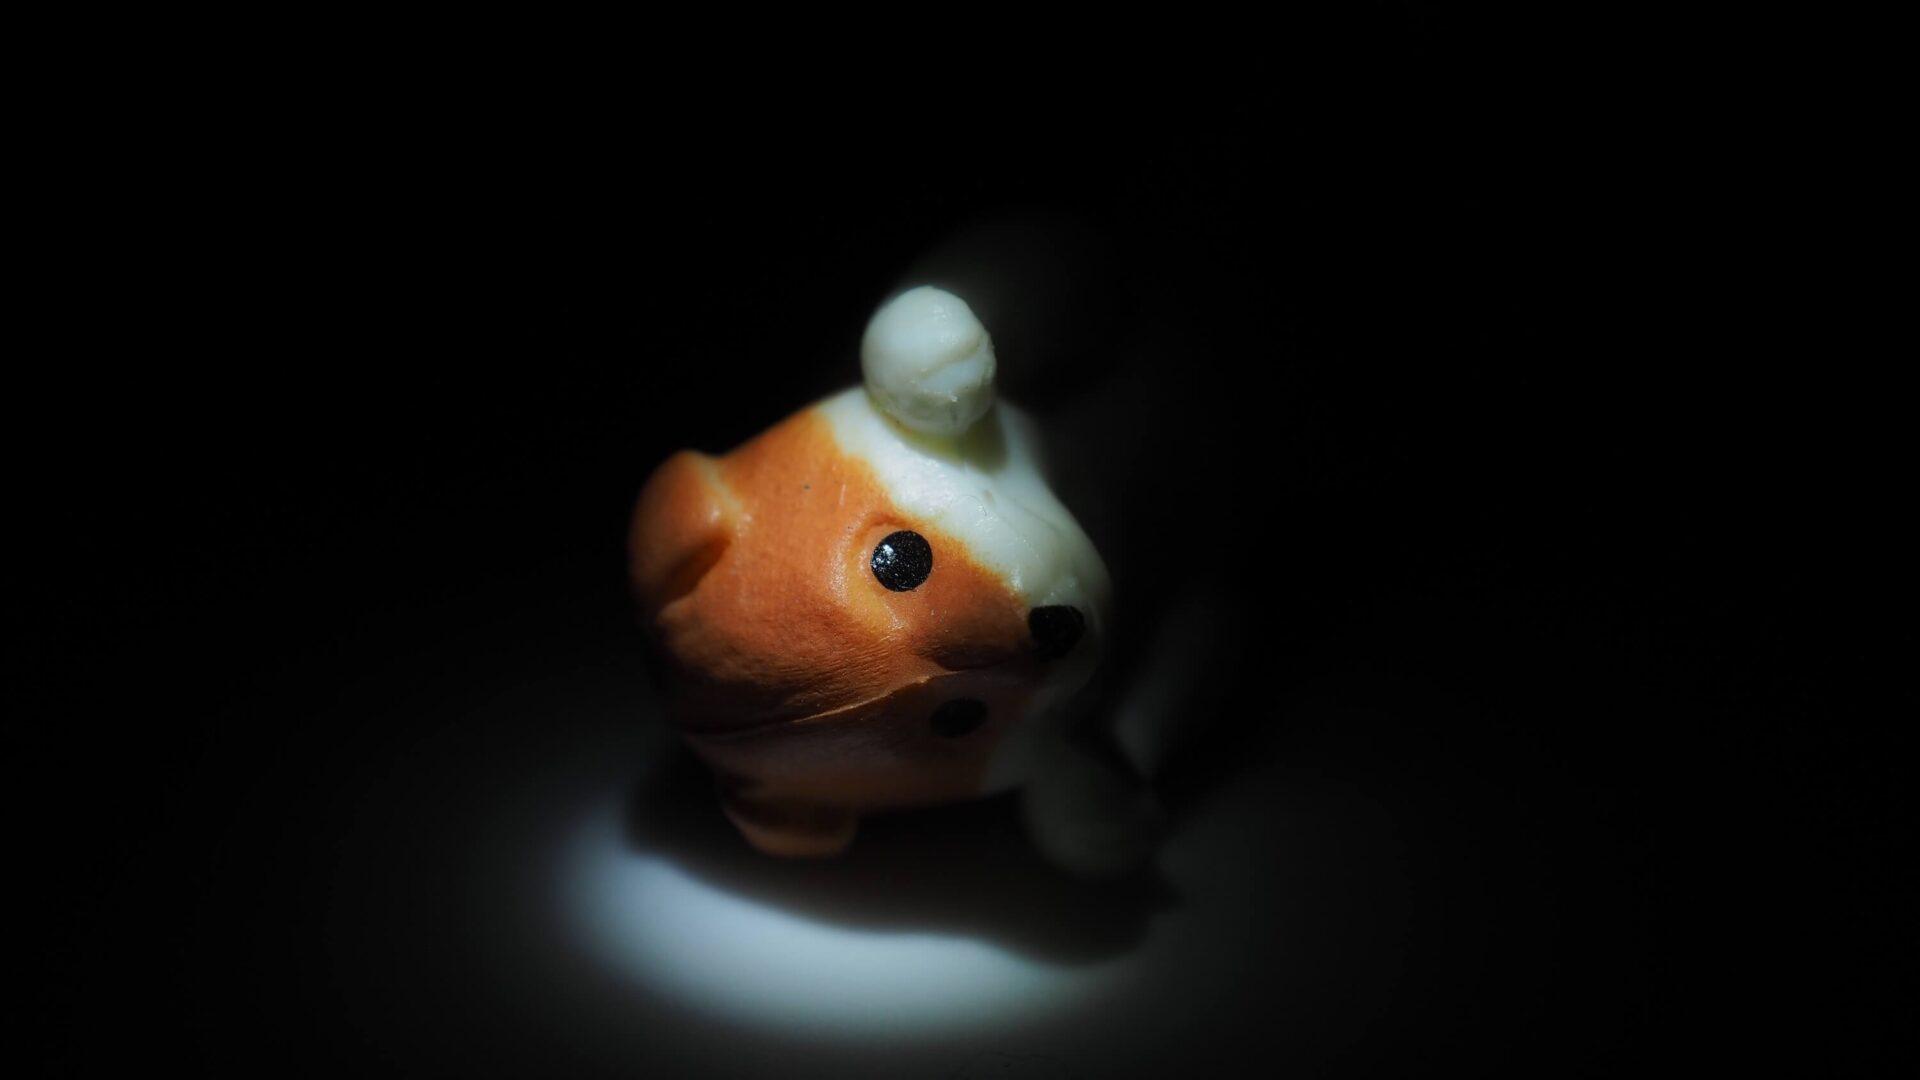 Bubblescuba BB-S1 tg5 em1 aoi underwater